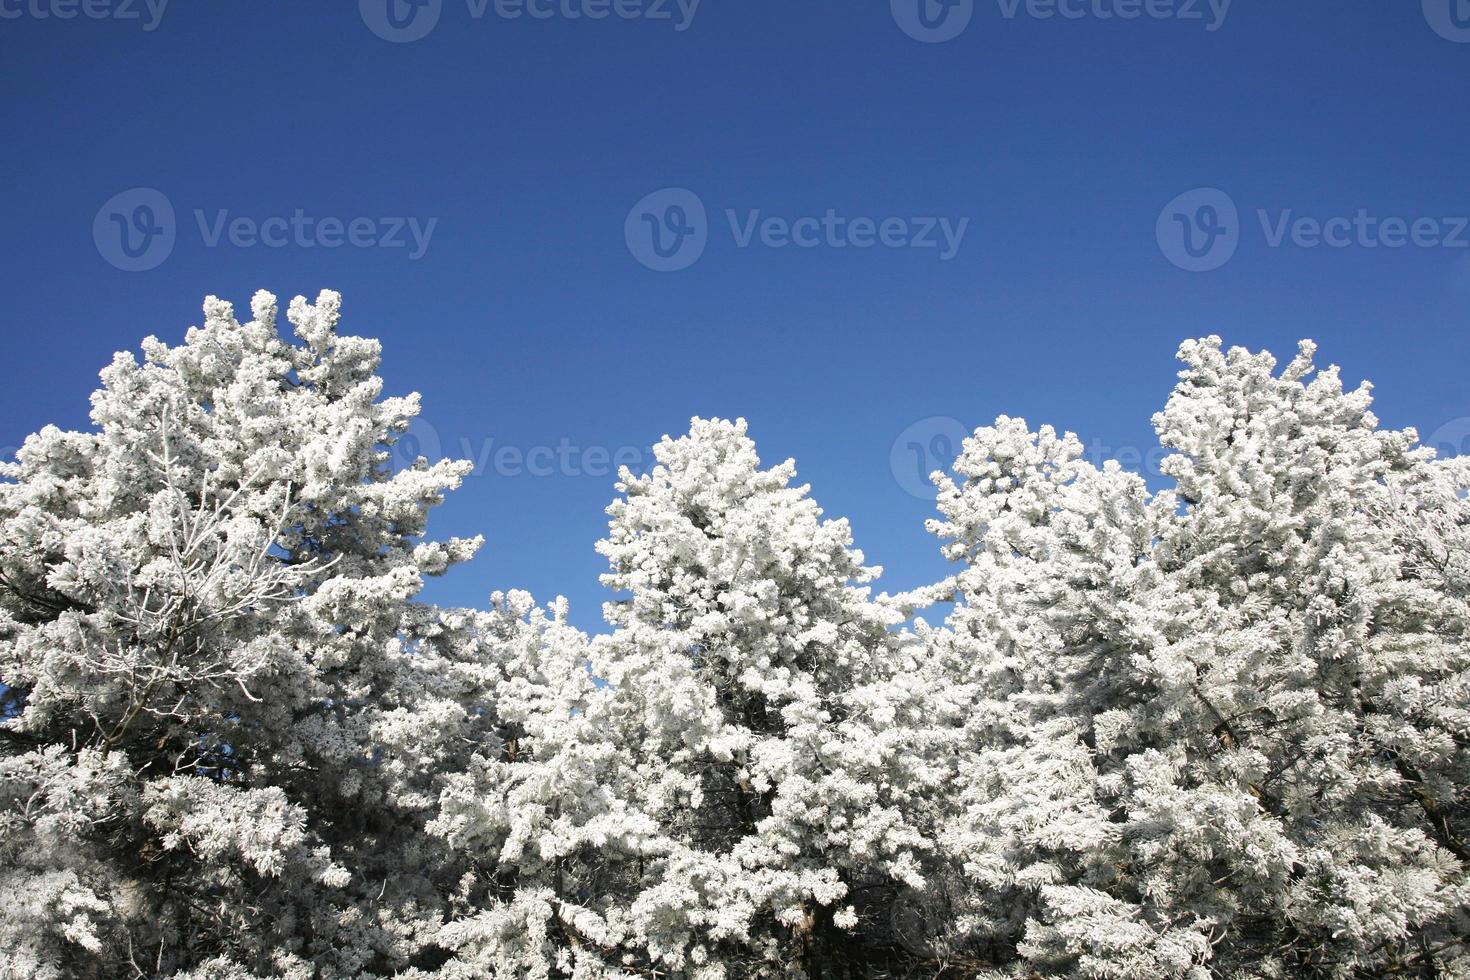 vackra tallar i vinter skog frostig vinterdag foto